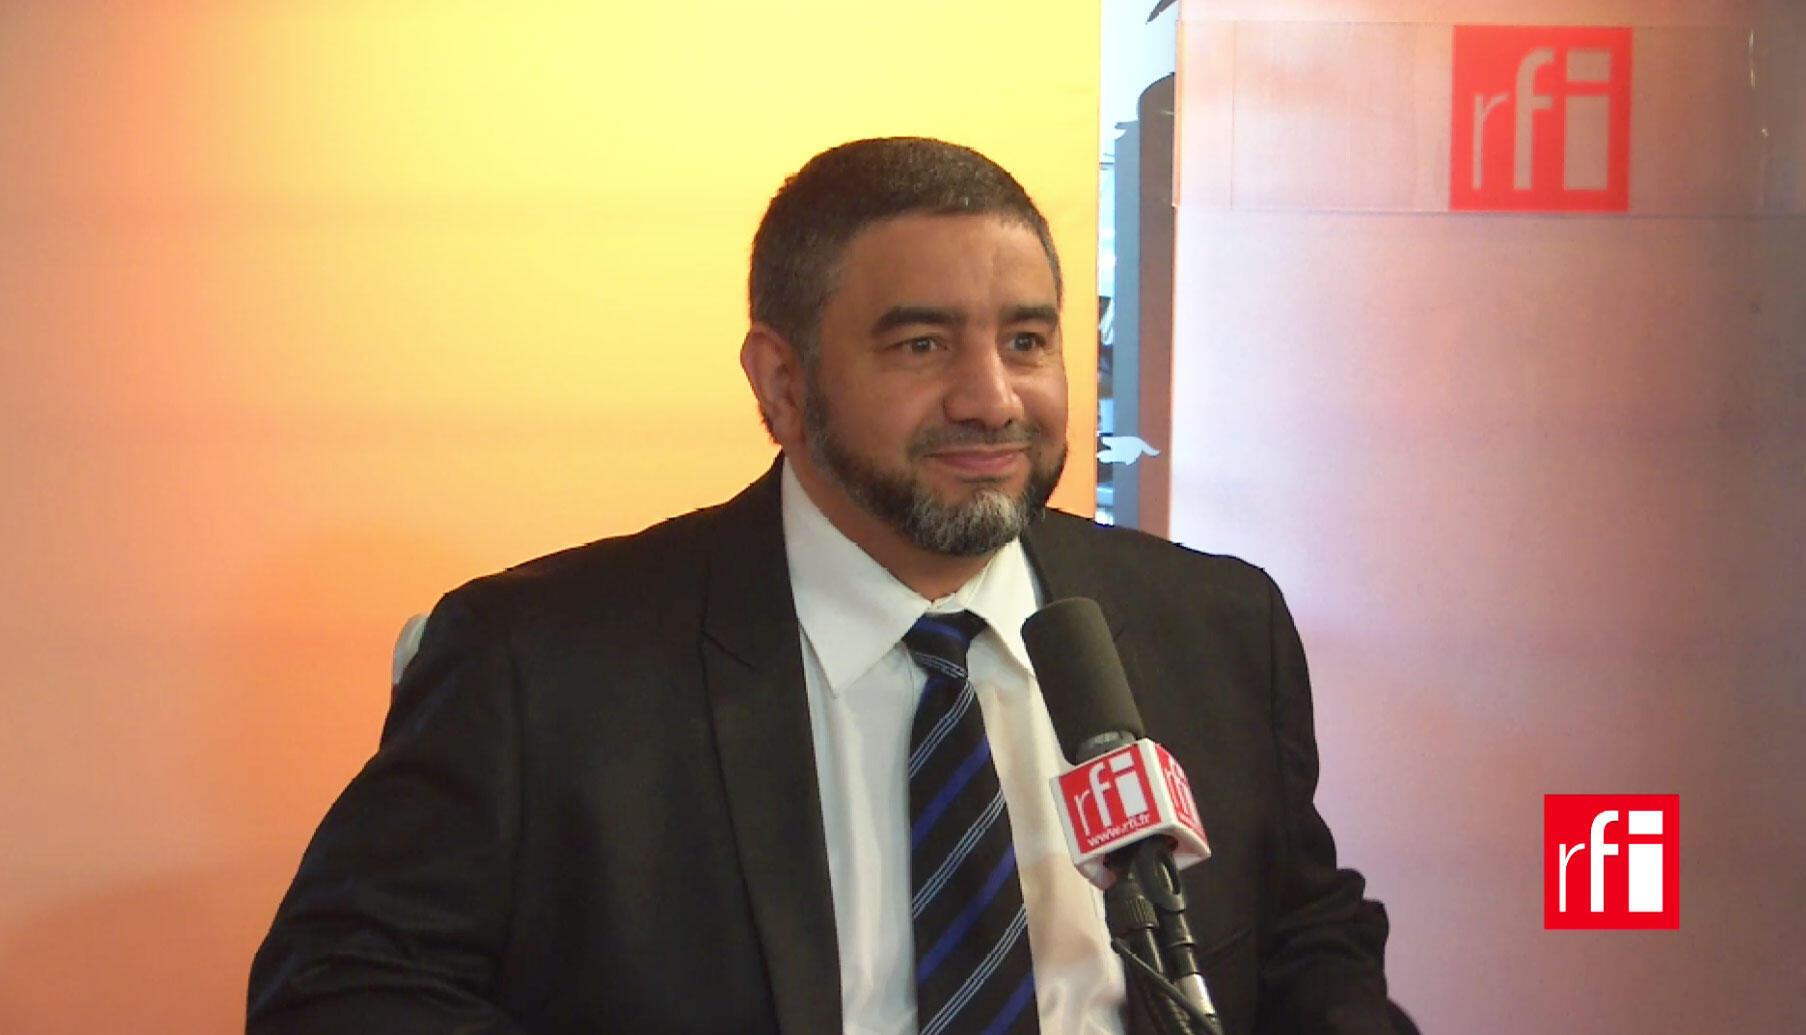 Abdelali Mamoun, porte-parole du Conseil des imams de France.